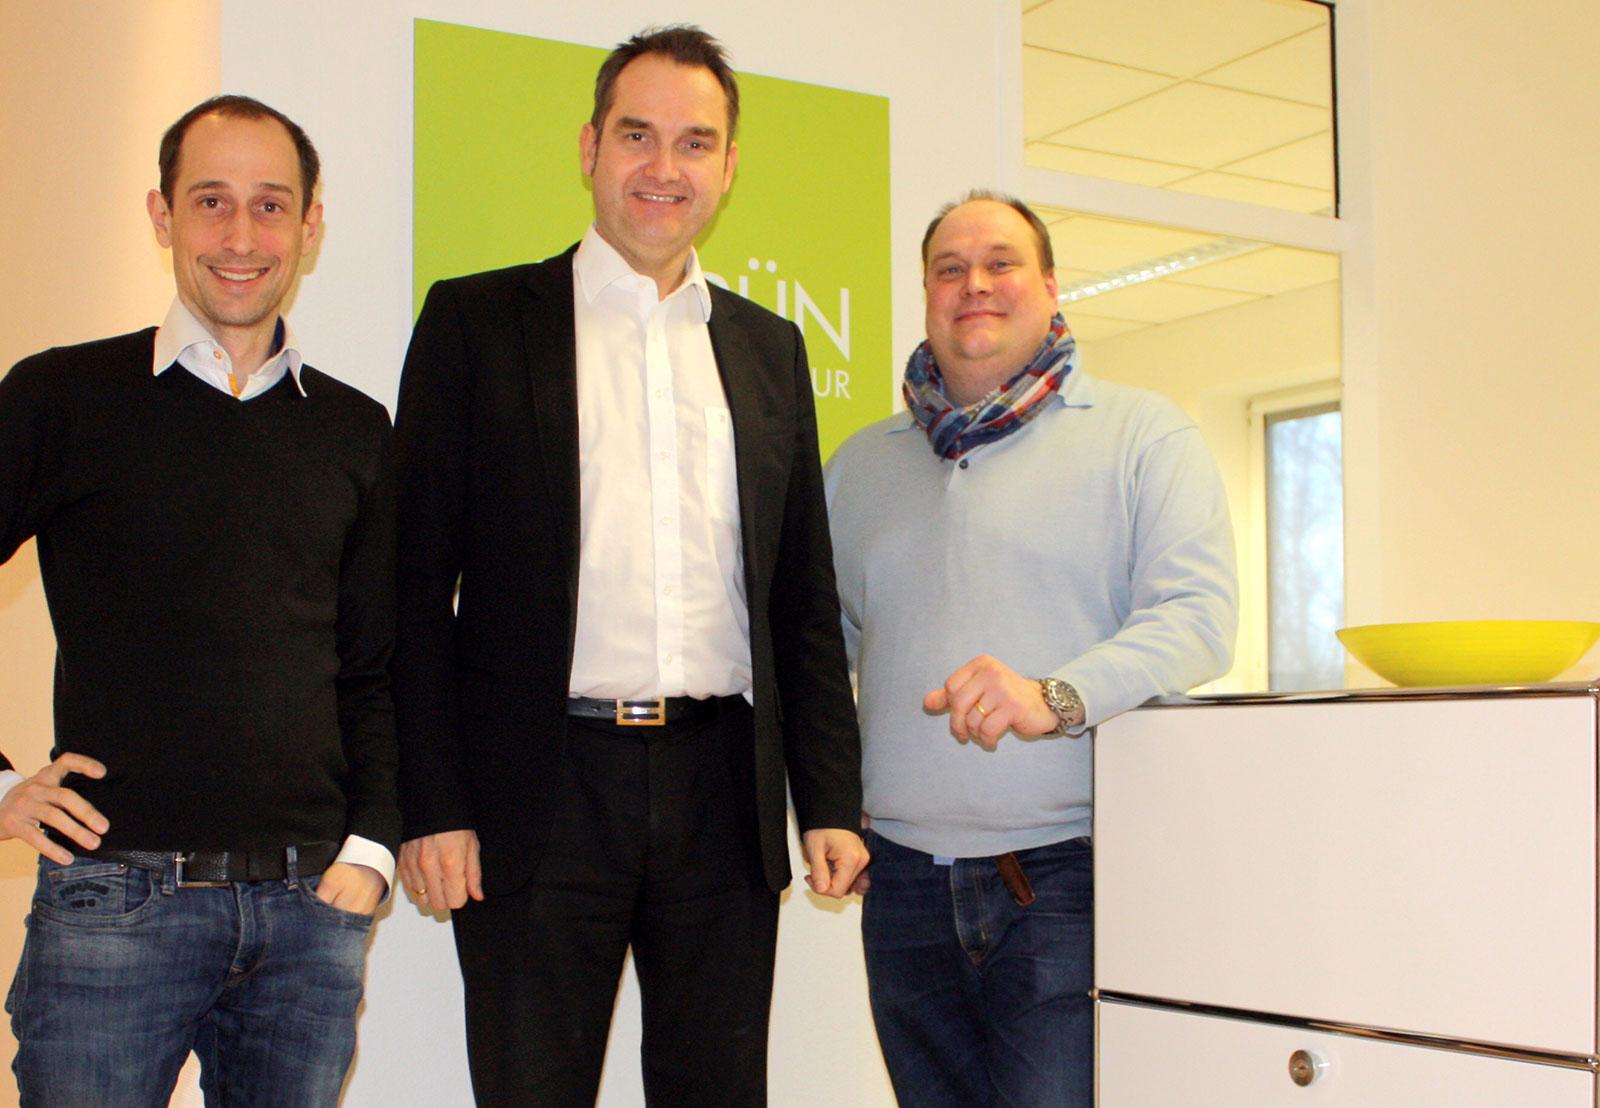 Gemeinsam stark in Aachen: Patrick Heinker, Dr. Oliver Grün und Oliver Thouet und (v.l.n.r.).